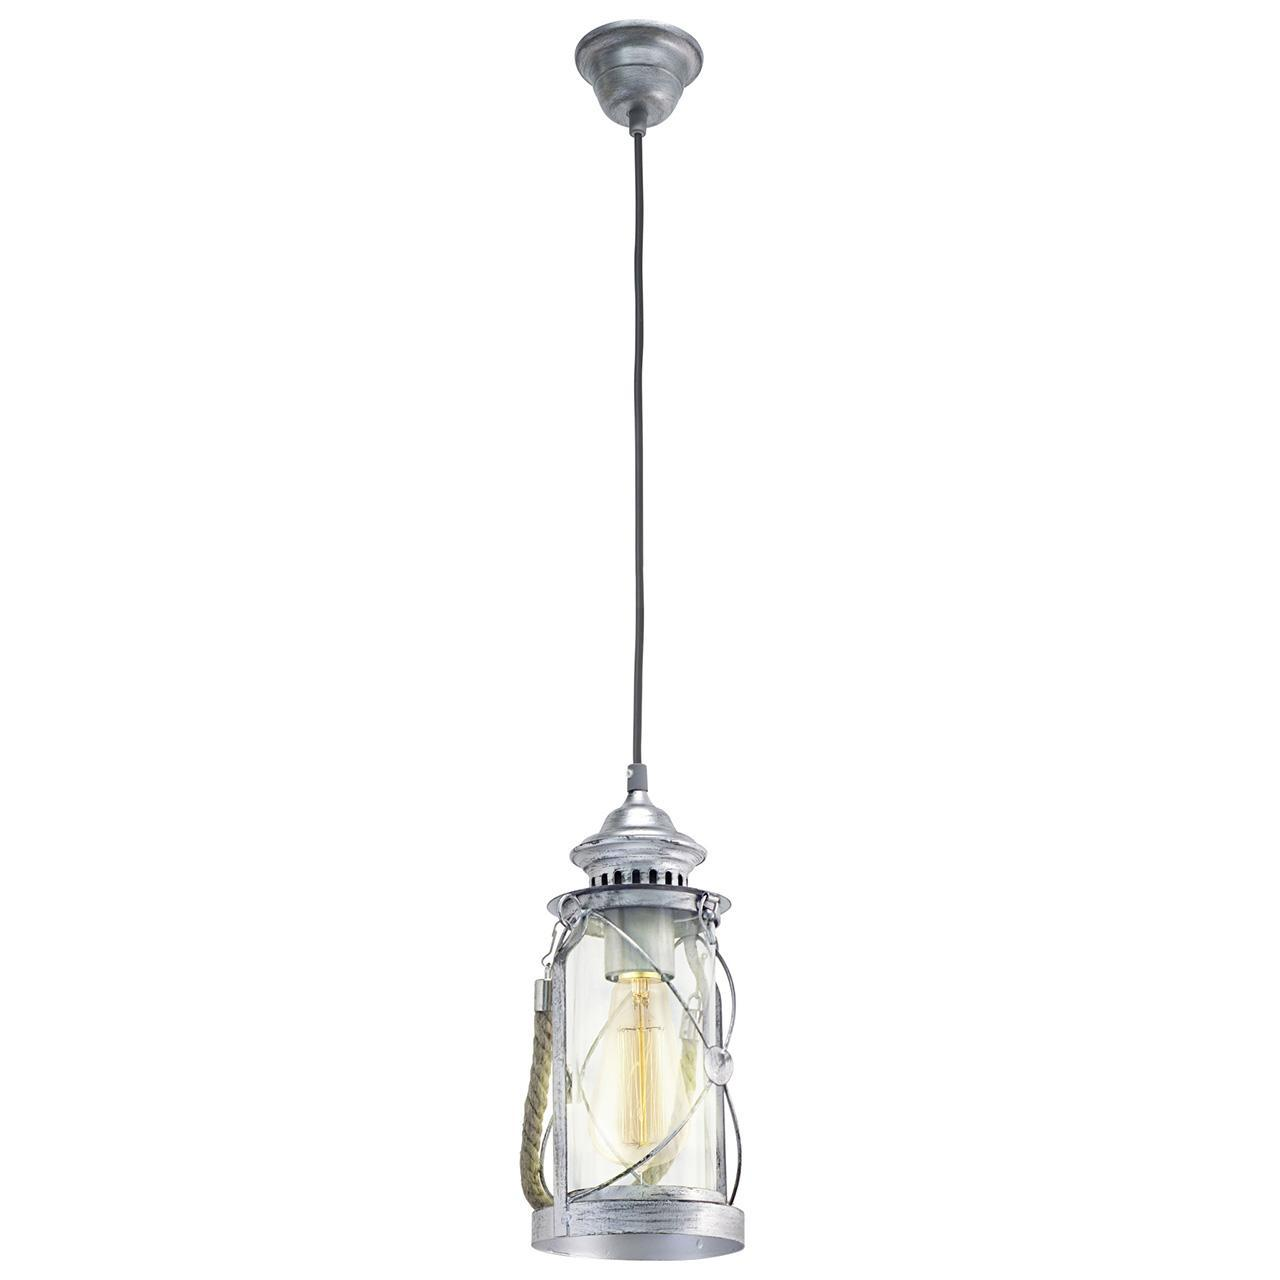 Подвесной светильник Eglo Vintage 49214 цена 2017